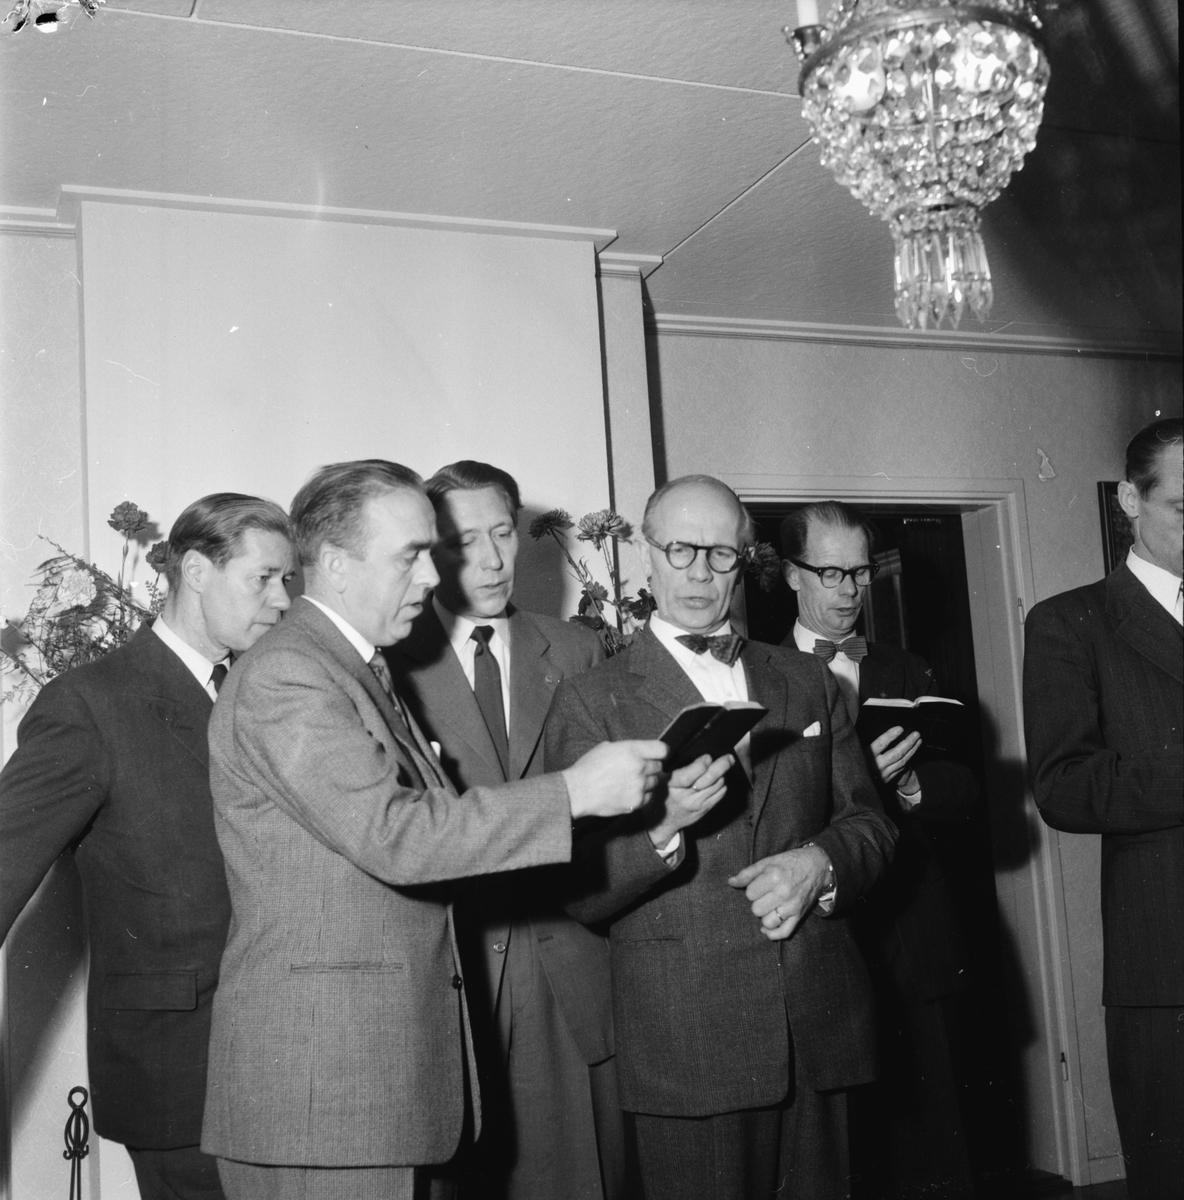 Kyrkoherde Åke Bungner, Radioandakt på folkhögskolan, 1957